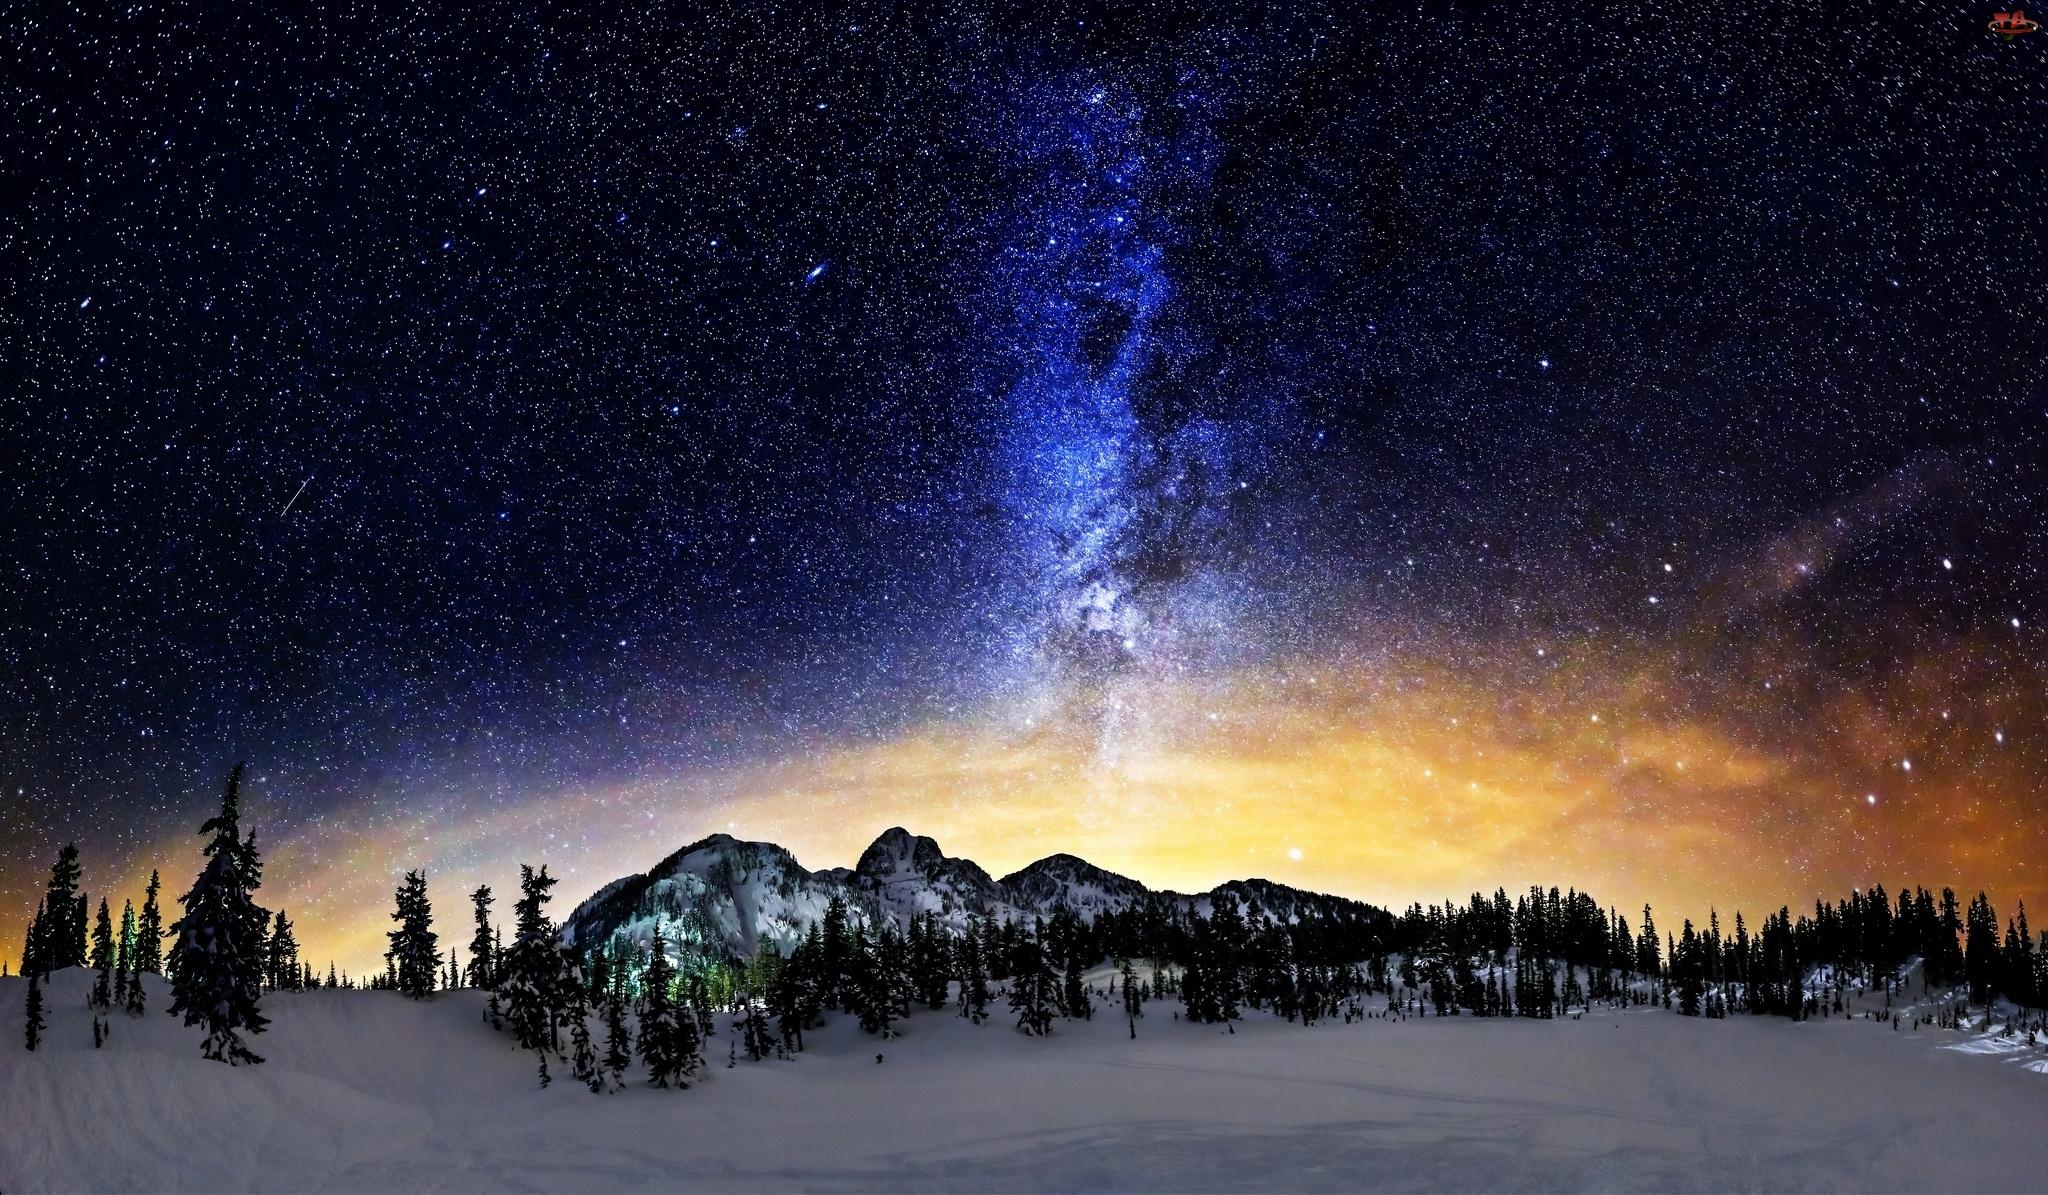 Zima, Gwiazdy, Góry, Droga Mleczna